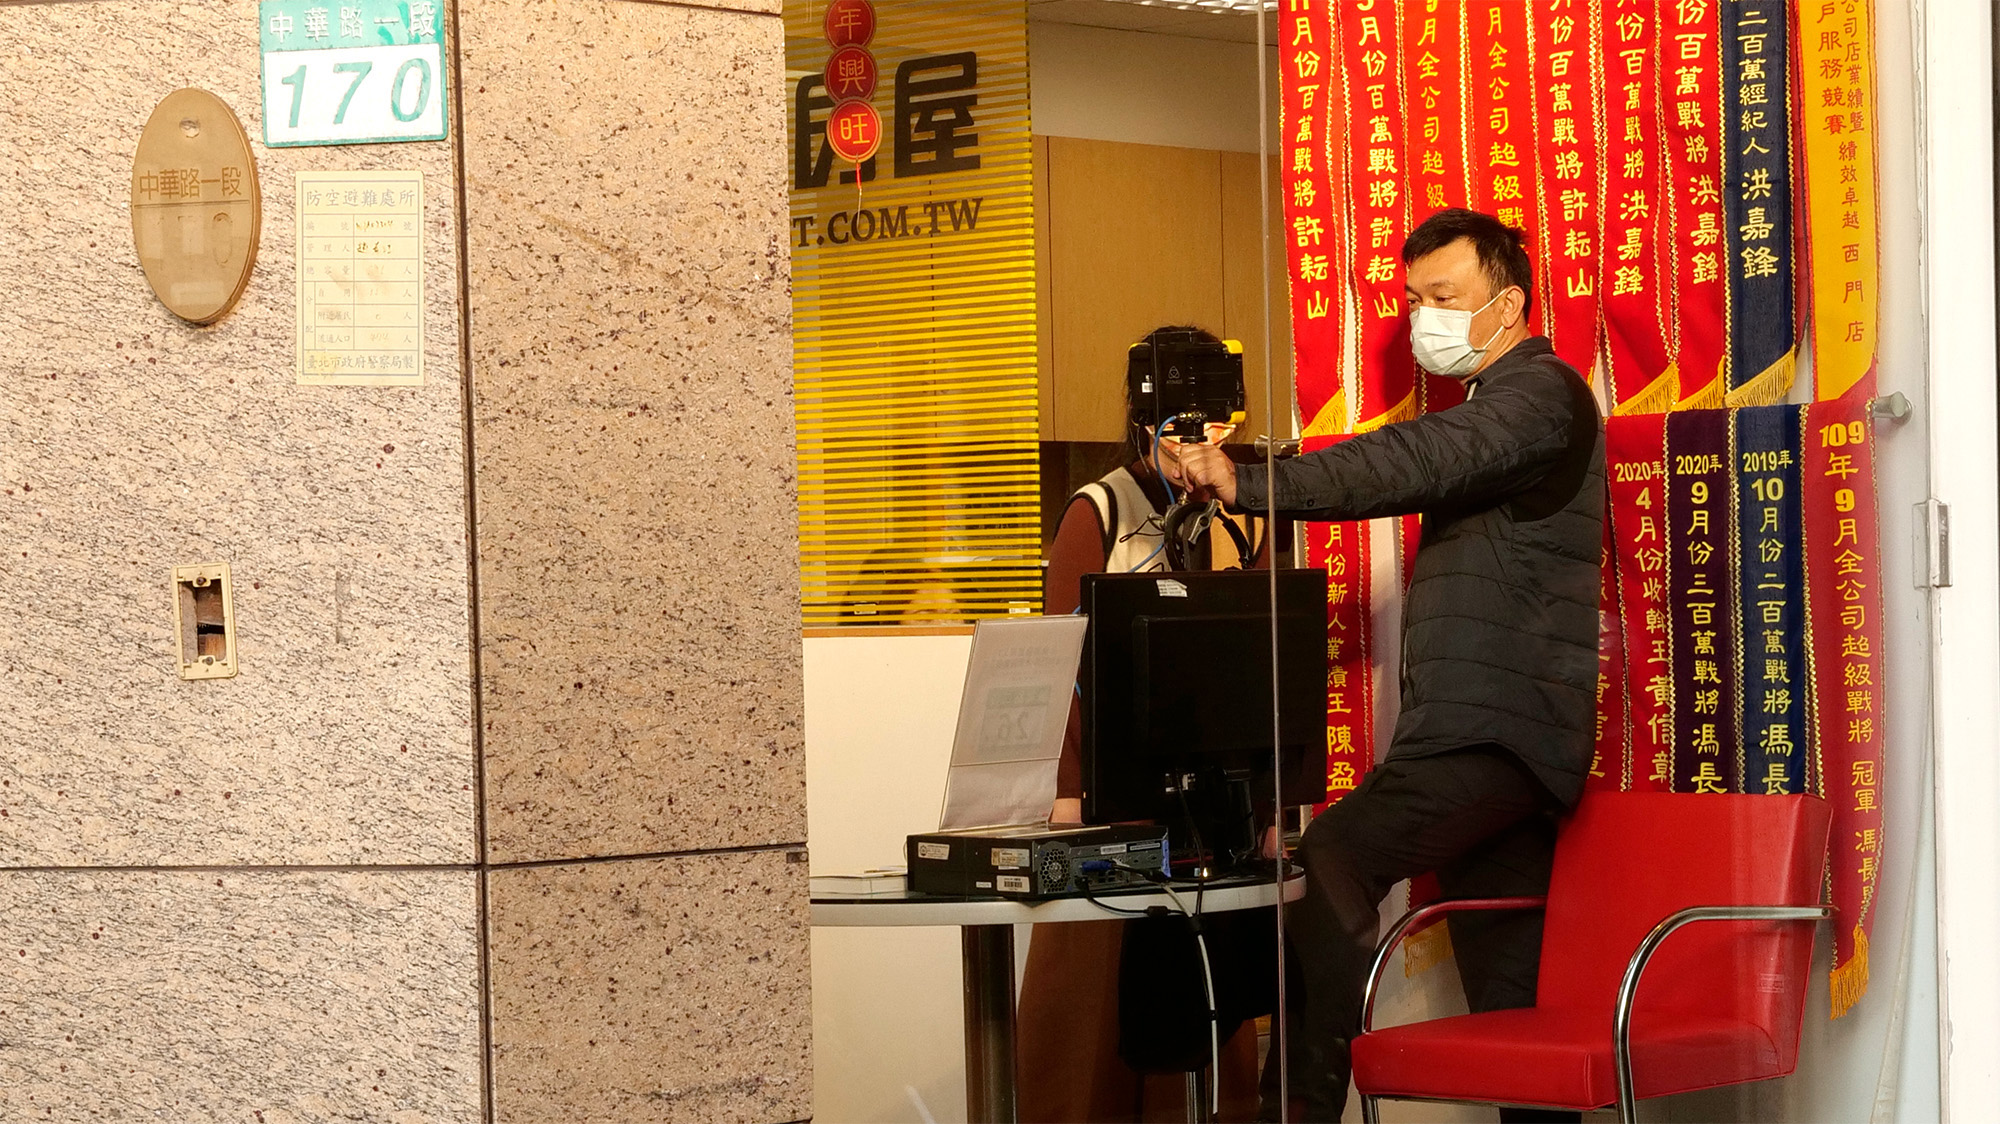 金獎導演黃信堯暖心操刀  演繹永慶房屋對轉職者的溫柔保障